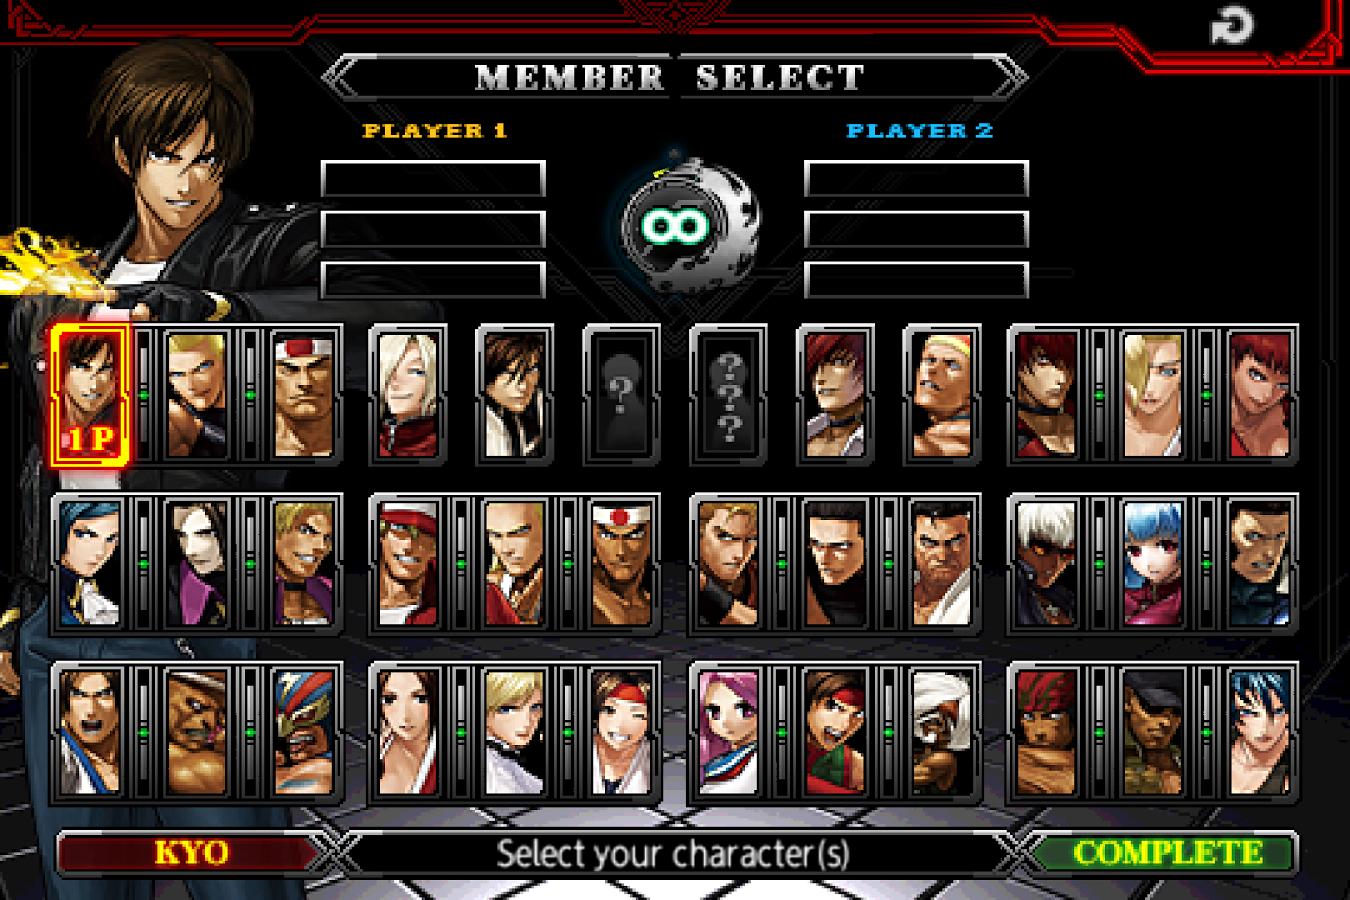 এন্ড্রয়েড গেমস সমগ্র ০১:: King Of Fighters 2012 A(ডাউনলোড লিঙ্ক সহ)